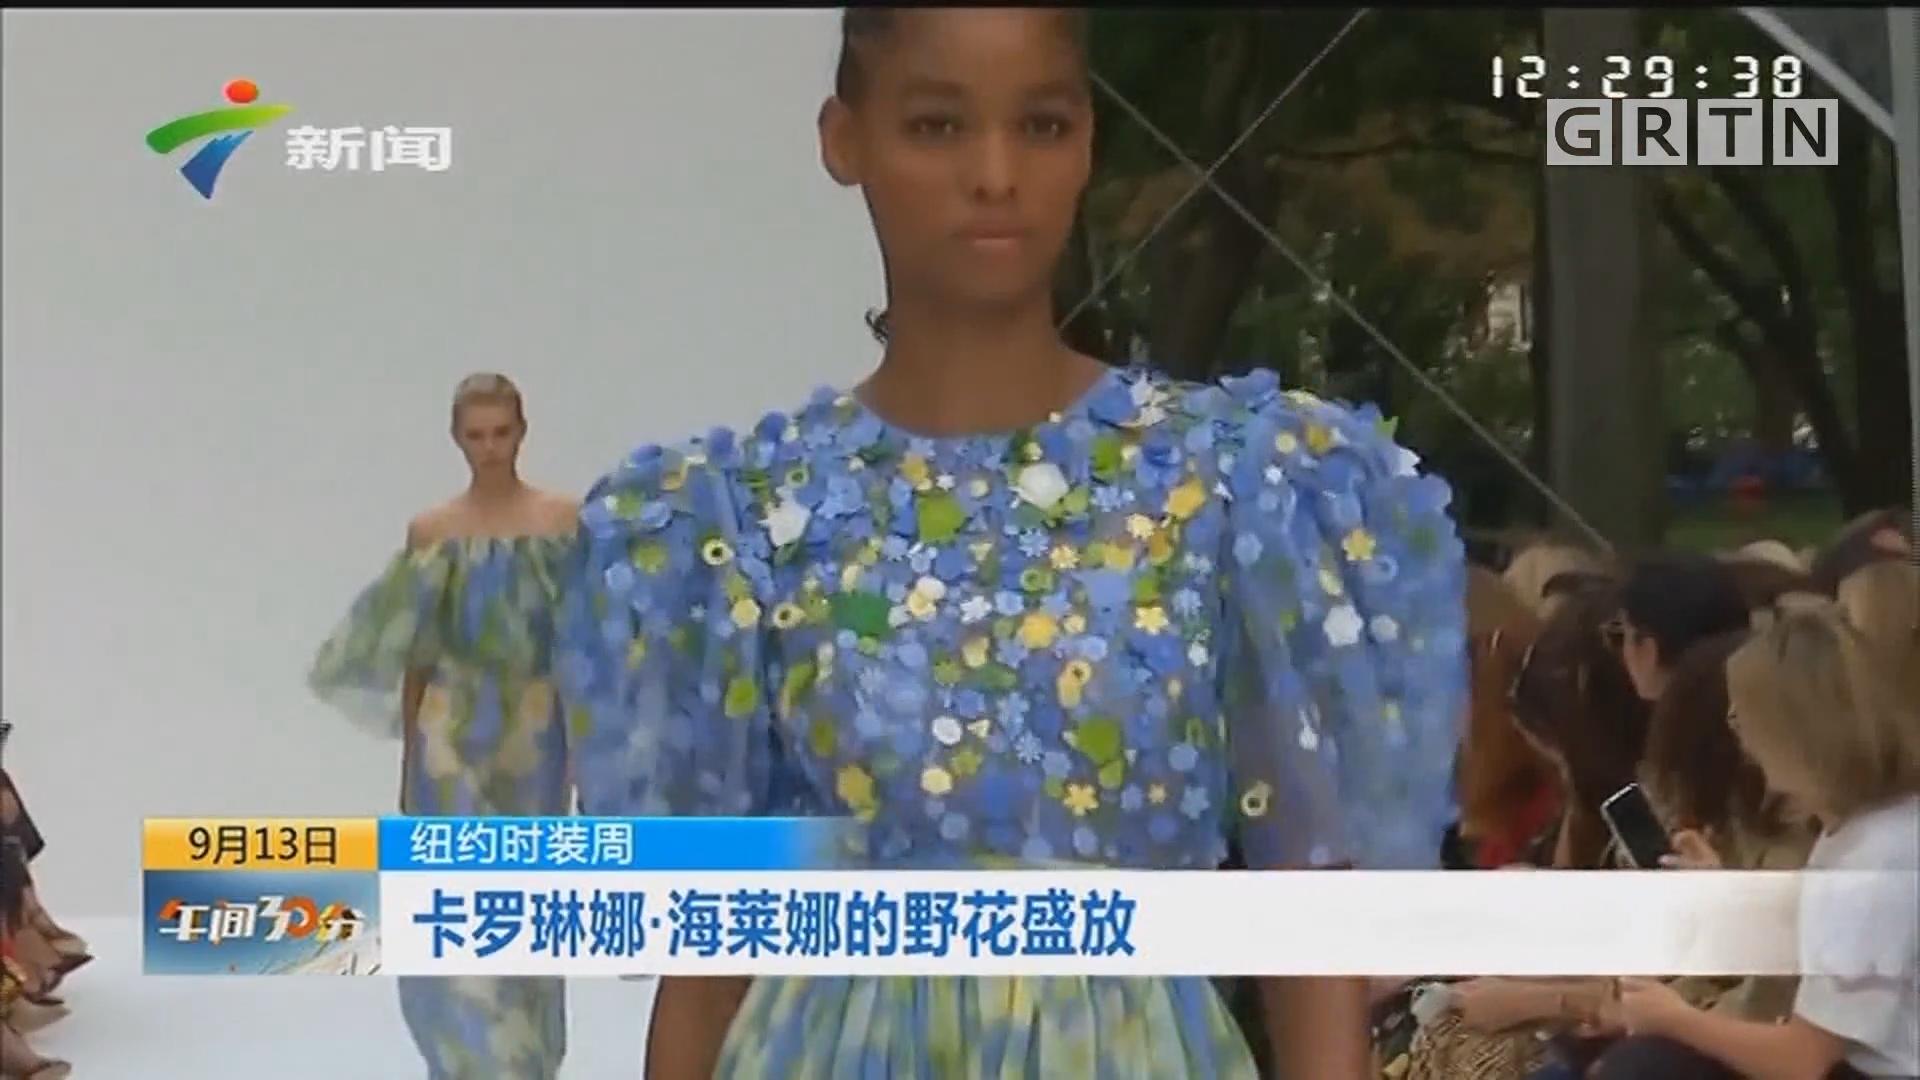 纽约时装周:卡罗琳娜·海莱娜的野花盛放